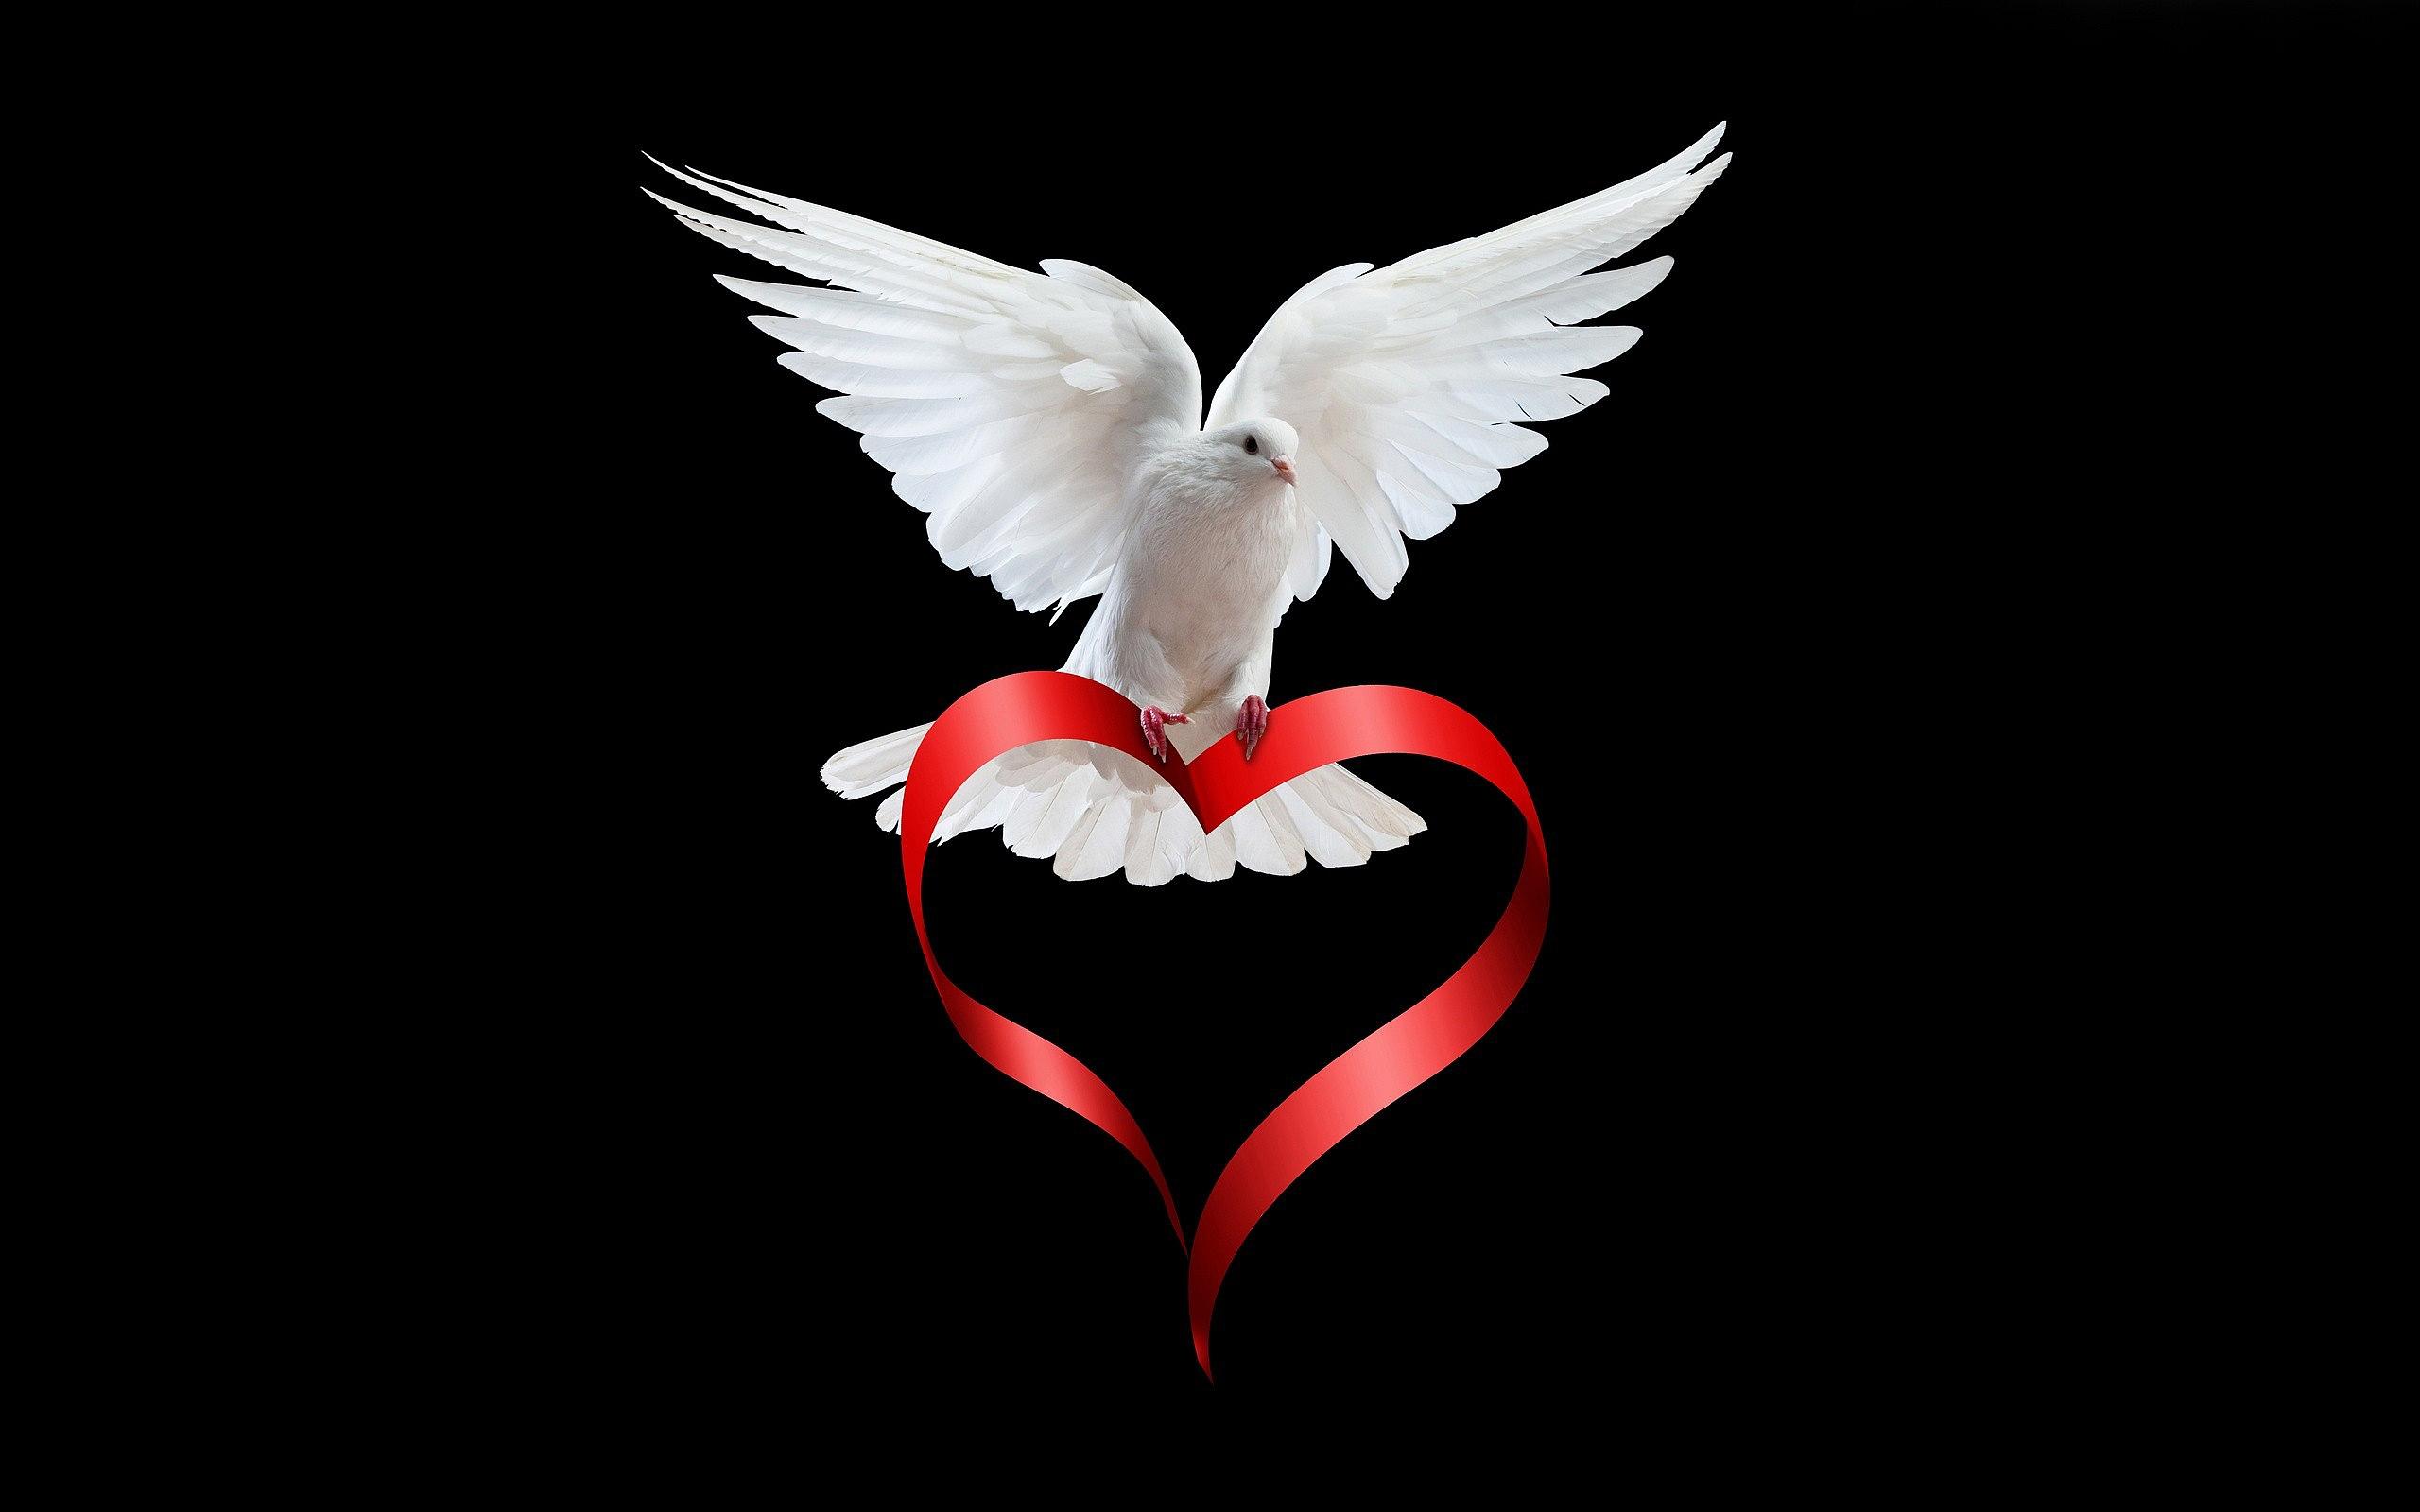 Love white Dove